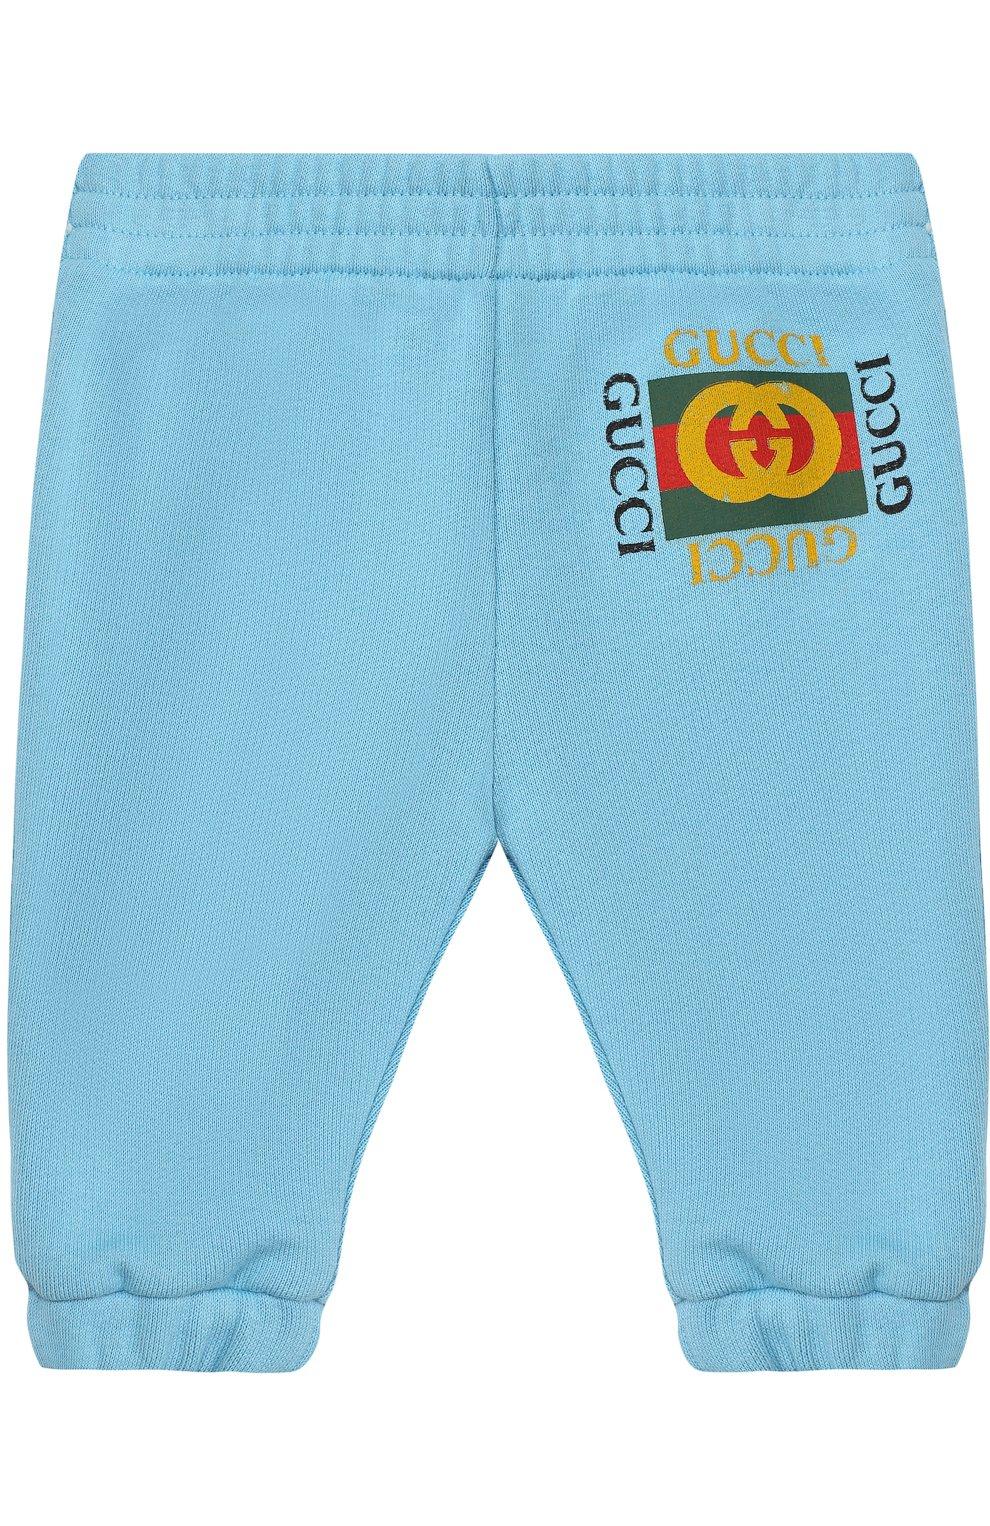 Детские хлопковые джоггеры с логотипом бренда GUCCI голубого цвета, арт. 509179/X3L00   Фото 1